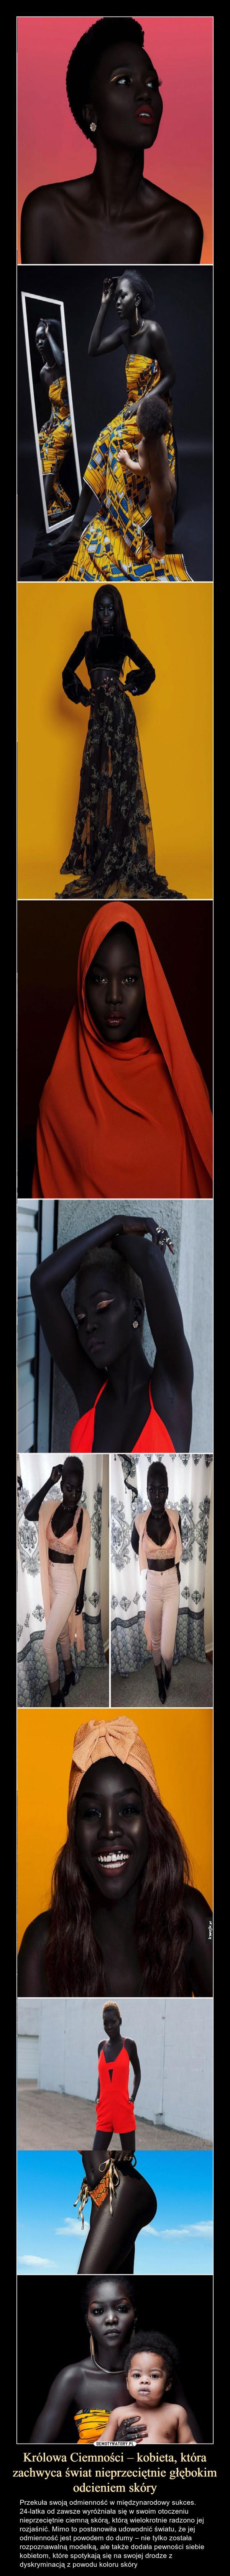 Królowa Ciemności – kobieta, która zachwyca świat nieprzeciętnie głębokim odcieniem skóry – Przekuła swoją odmienność w międzynarodowy sukces. 24-latka od zawsze wyróżniała się w swoim otoczeniu nieprzeciętnie ciemną skórą, którą wielokrotnie radzono jej rozjaśnić. Mimo to postanowiła udowodnić światu, że jej odmienność jest powodem do dumy – nie tylko została rozpoznawalną modelką, ale także dodała pewności siebie kobietom, które spotykają się na swojej drodze z dyskryminacją z powodu koloru skóry